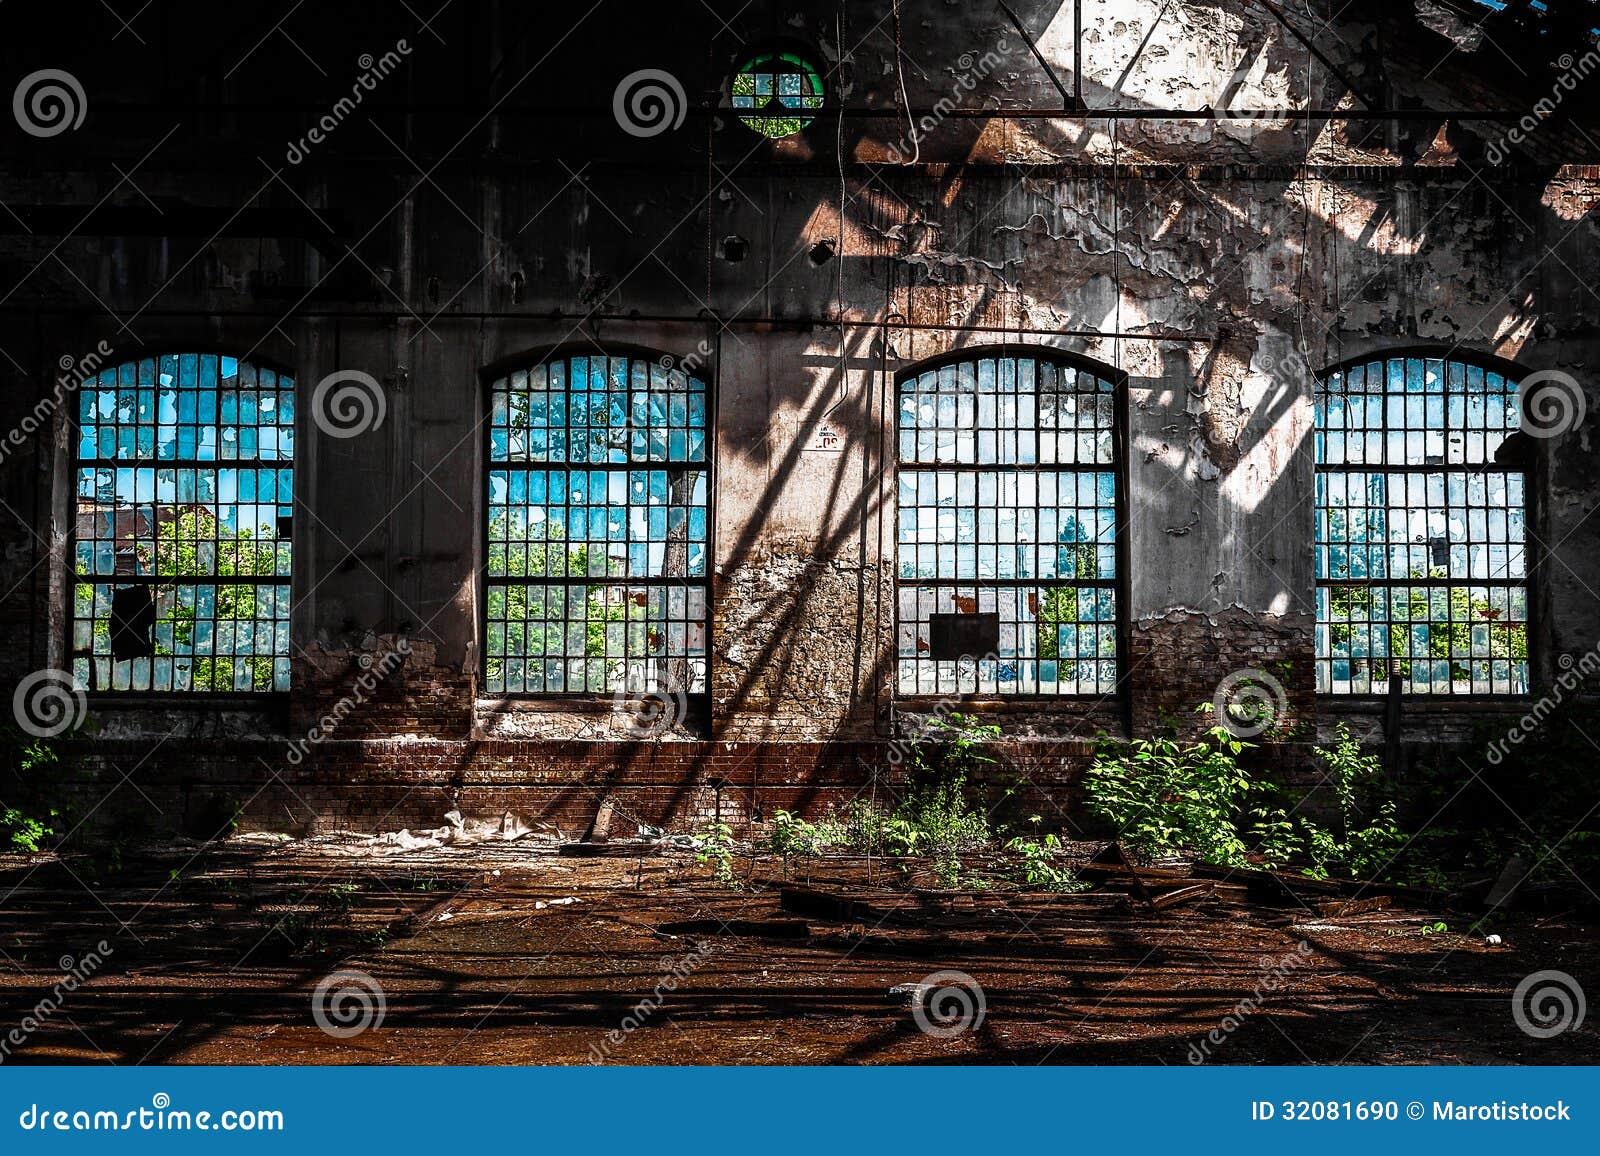 Фото покинутого промышленного интерьера с ярким светом